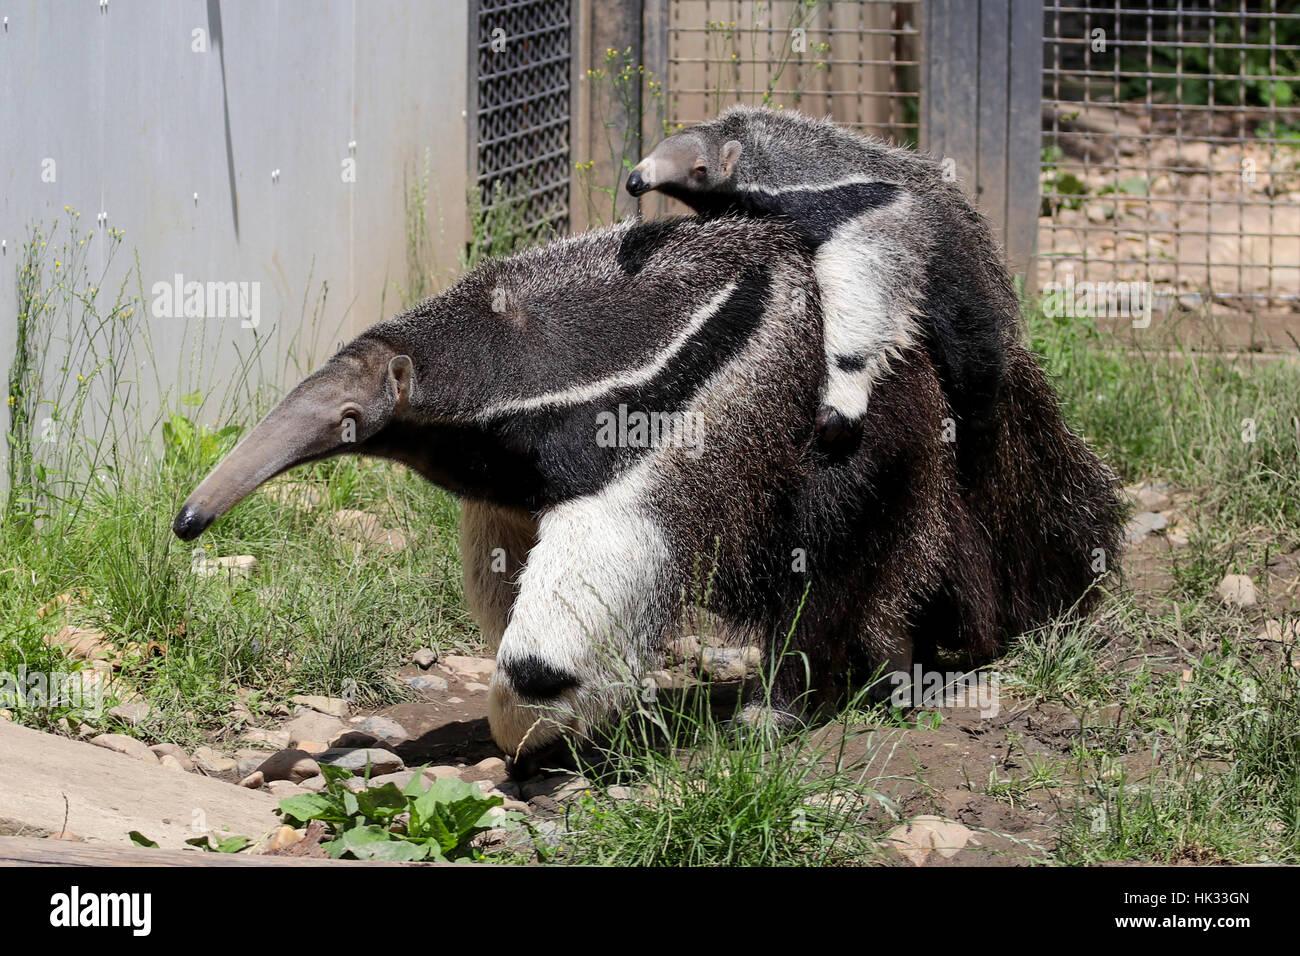 Stock Photo - fourmilier géant portant un bébé à l'arrière à la recherche de nourriture Photo Stock